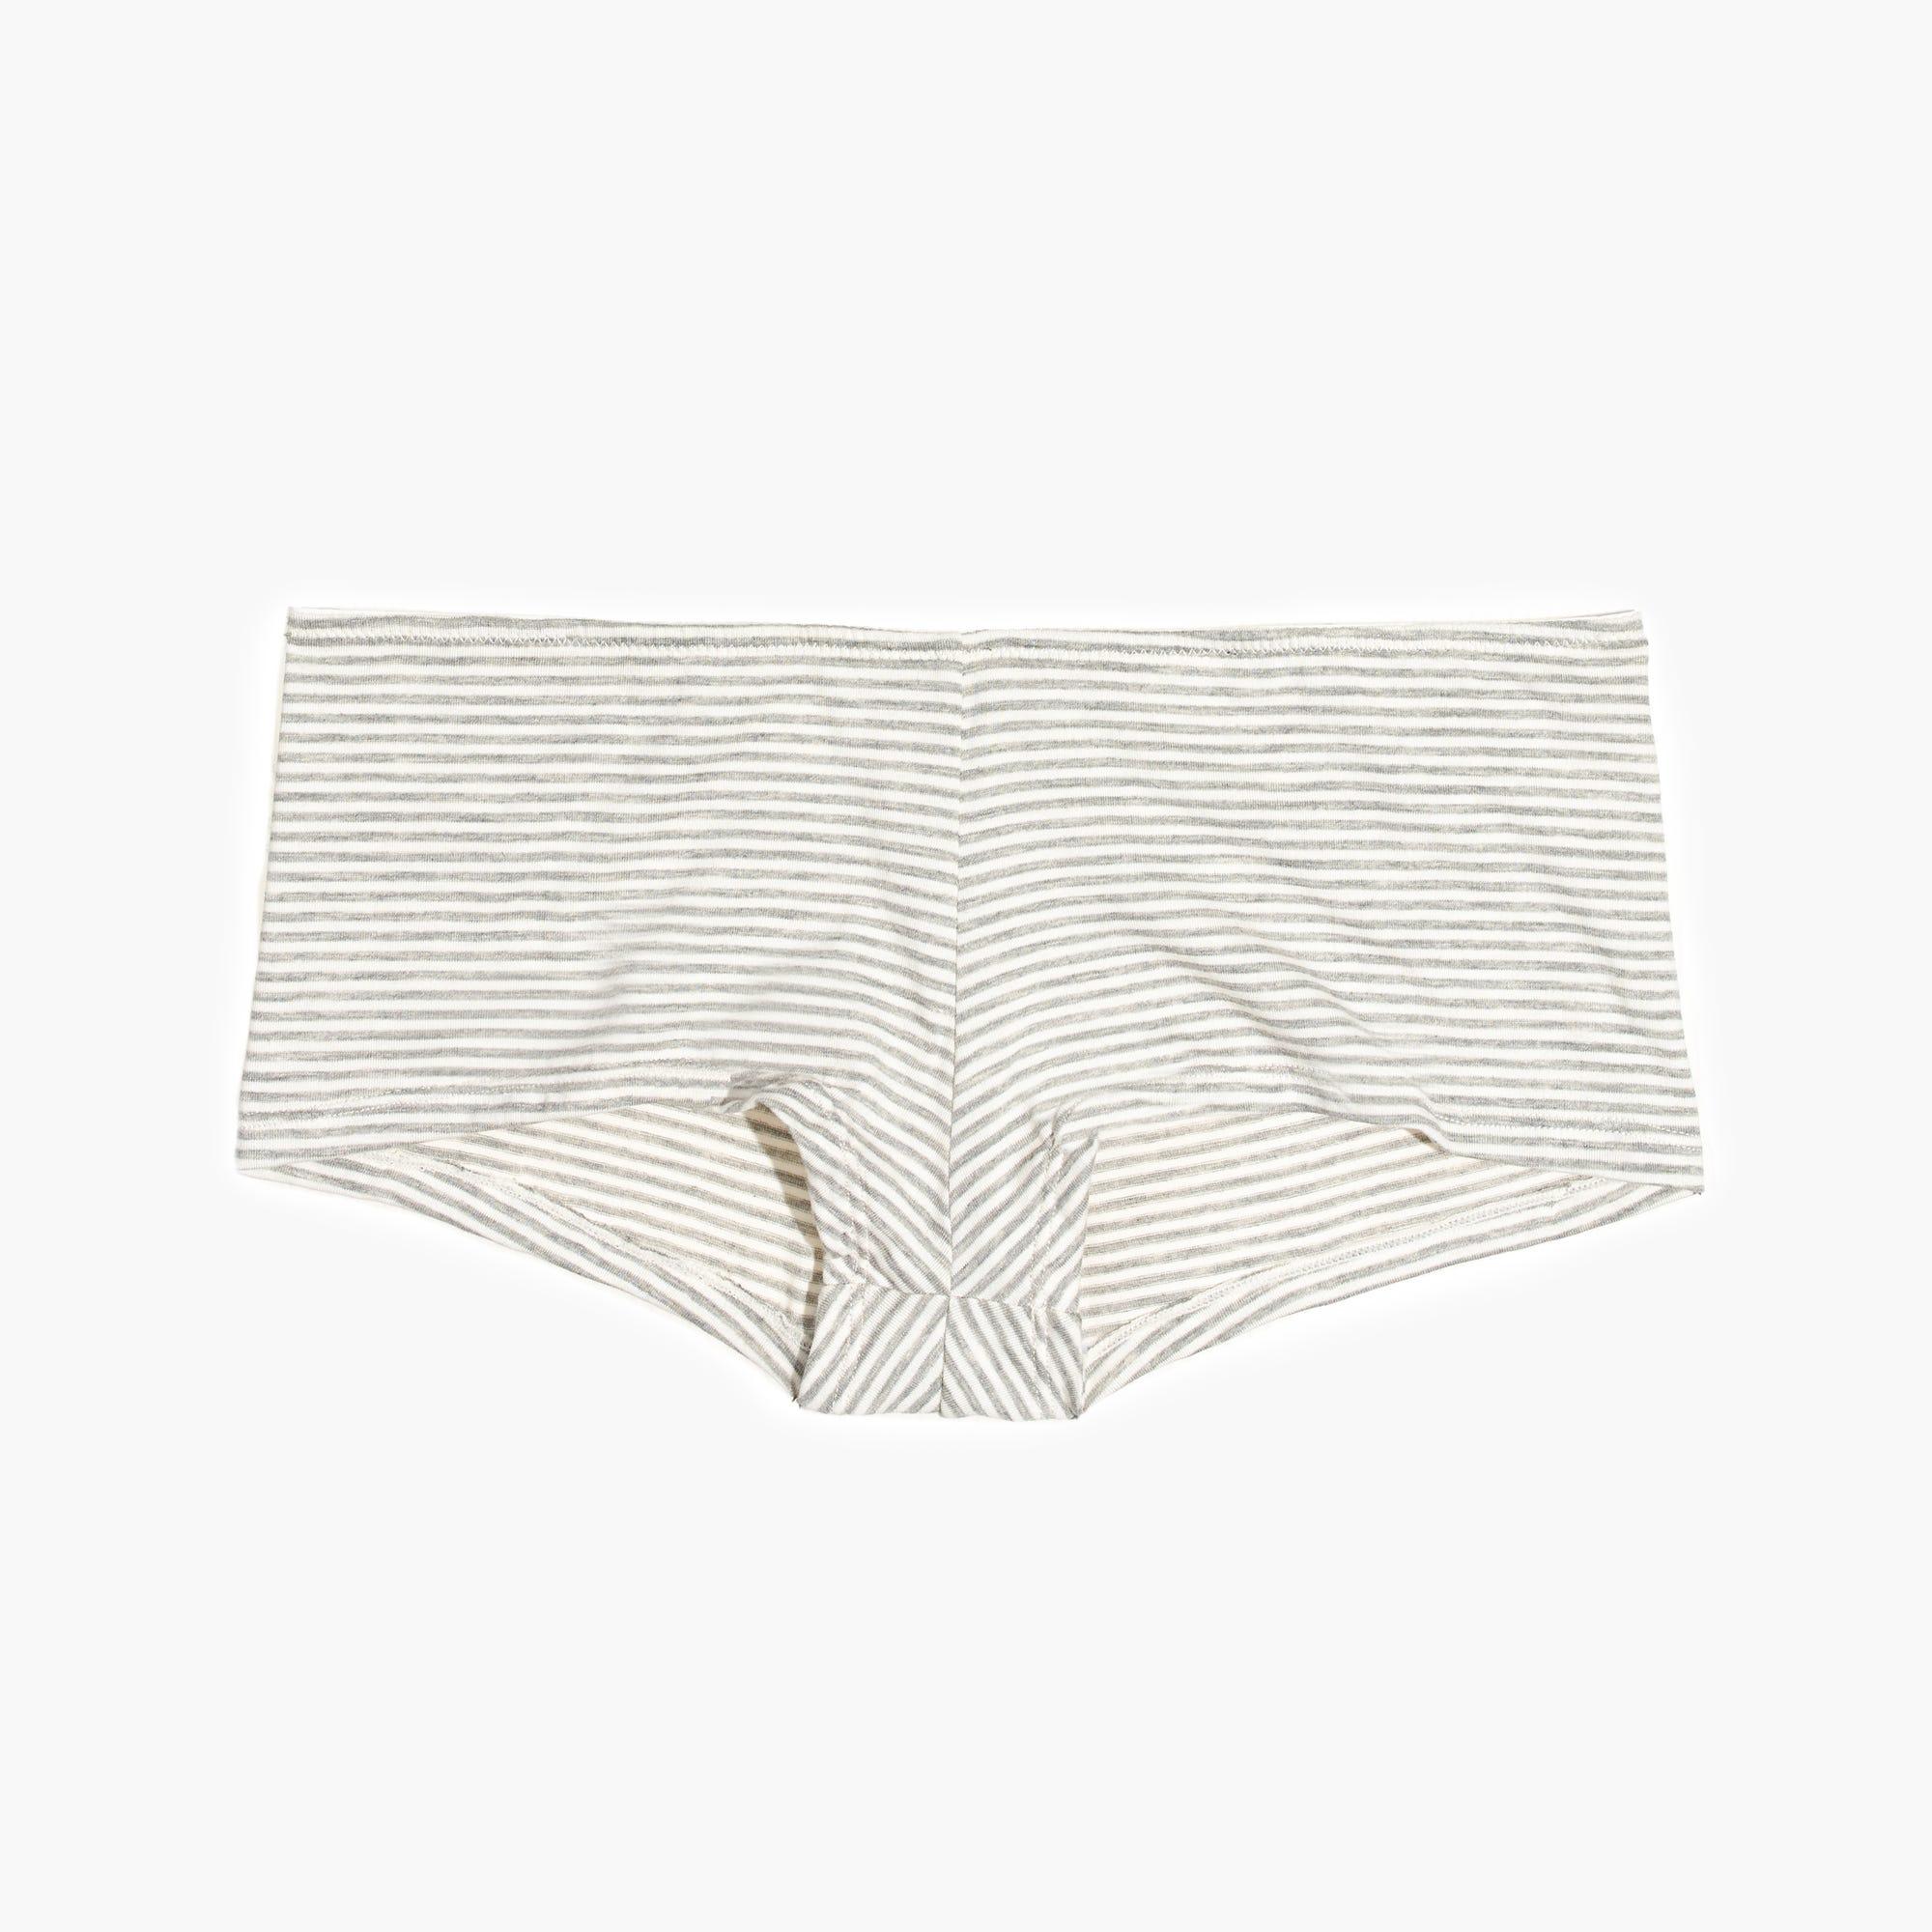 33c3d2430eb1e9 Madewell Lingerie Line Bralettes Underwear Cotton Lace